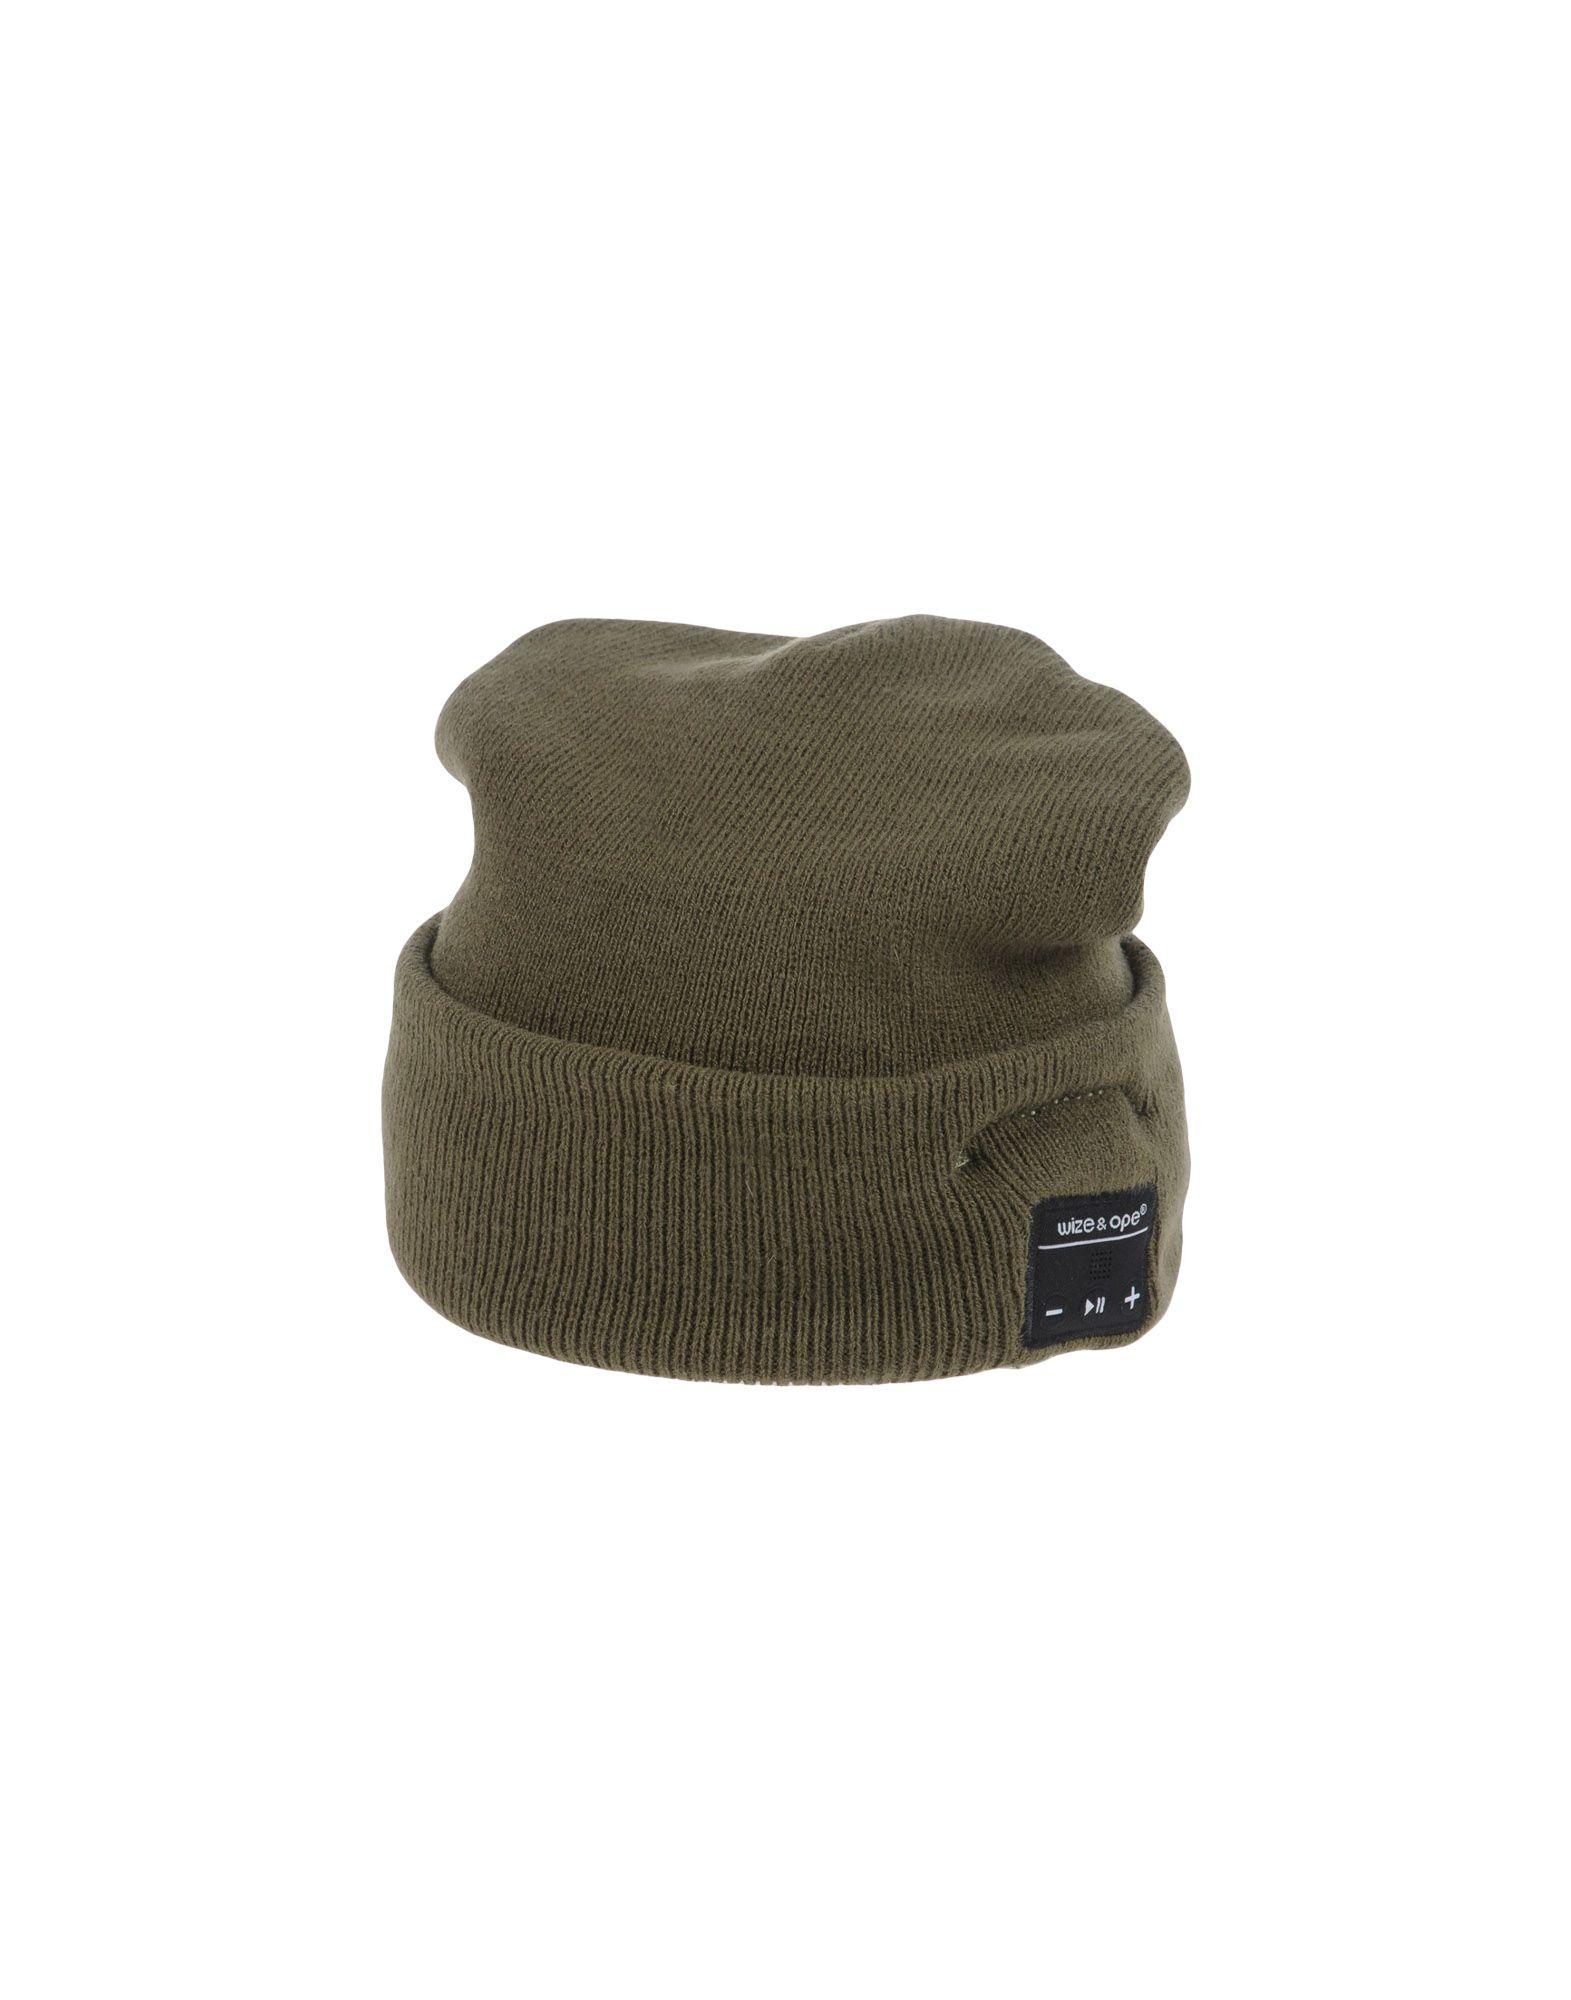 《送料無料》WIZE & OPE レディース 帽子 ミリタリーグリーン one size アクリル 100%